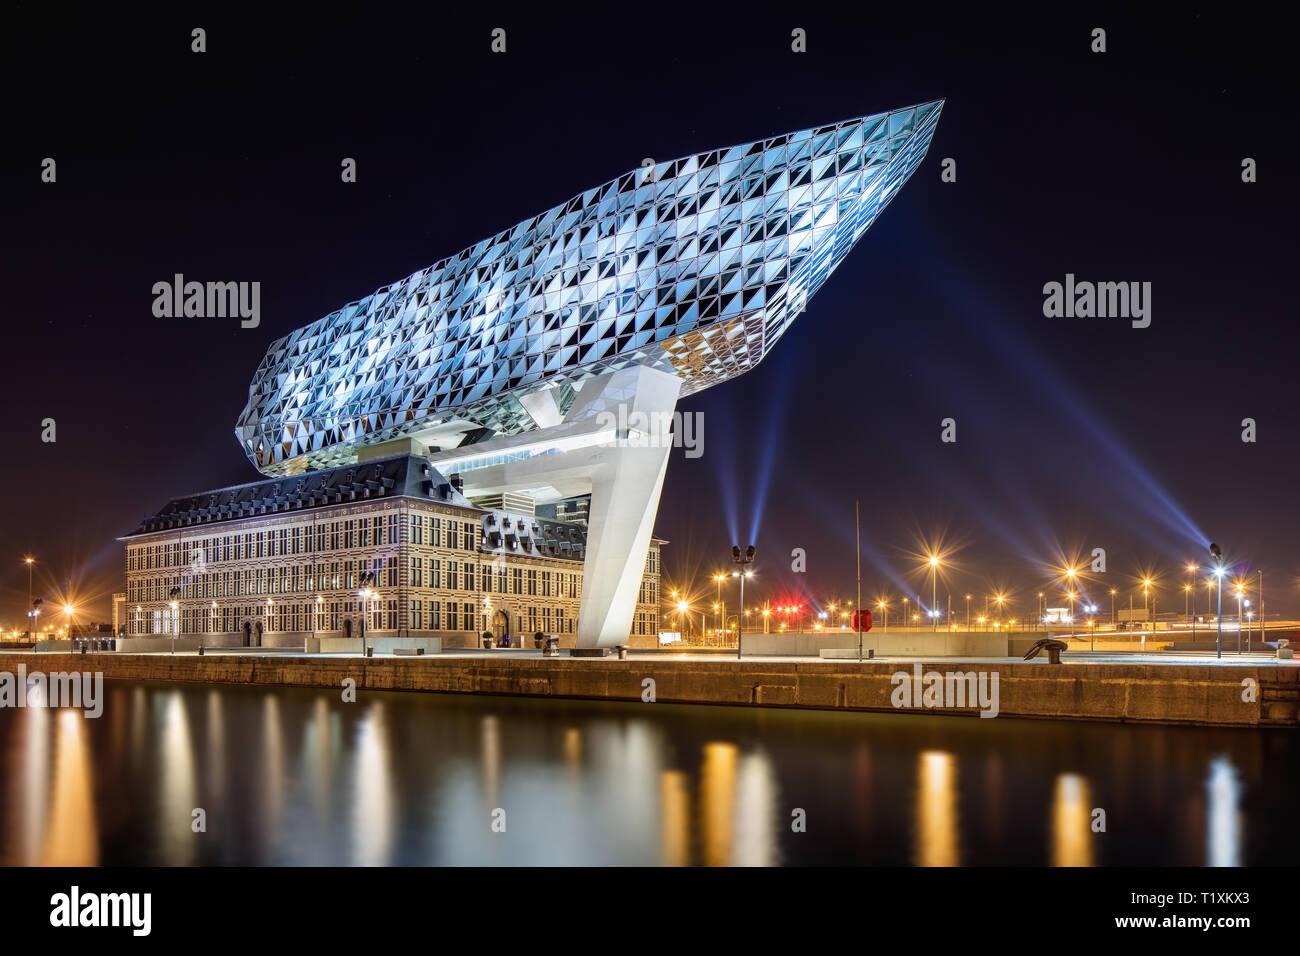 Antwerp Port House Zaha Hadid Set of 3 Buy 3 Get 30/% off| Art Print Museum aan Stroom Belgium Architecture Photo Digital Download